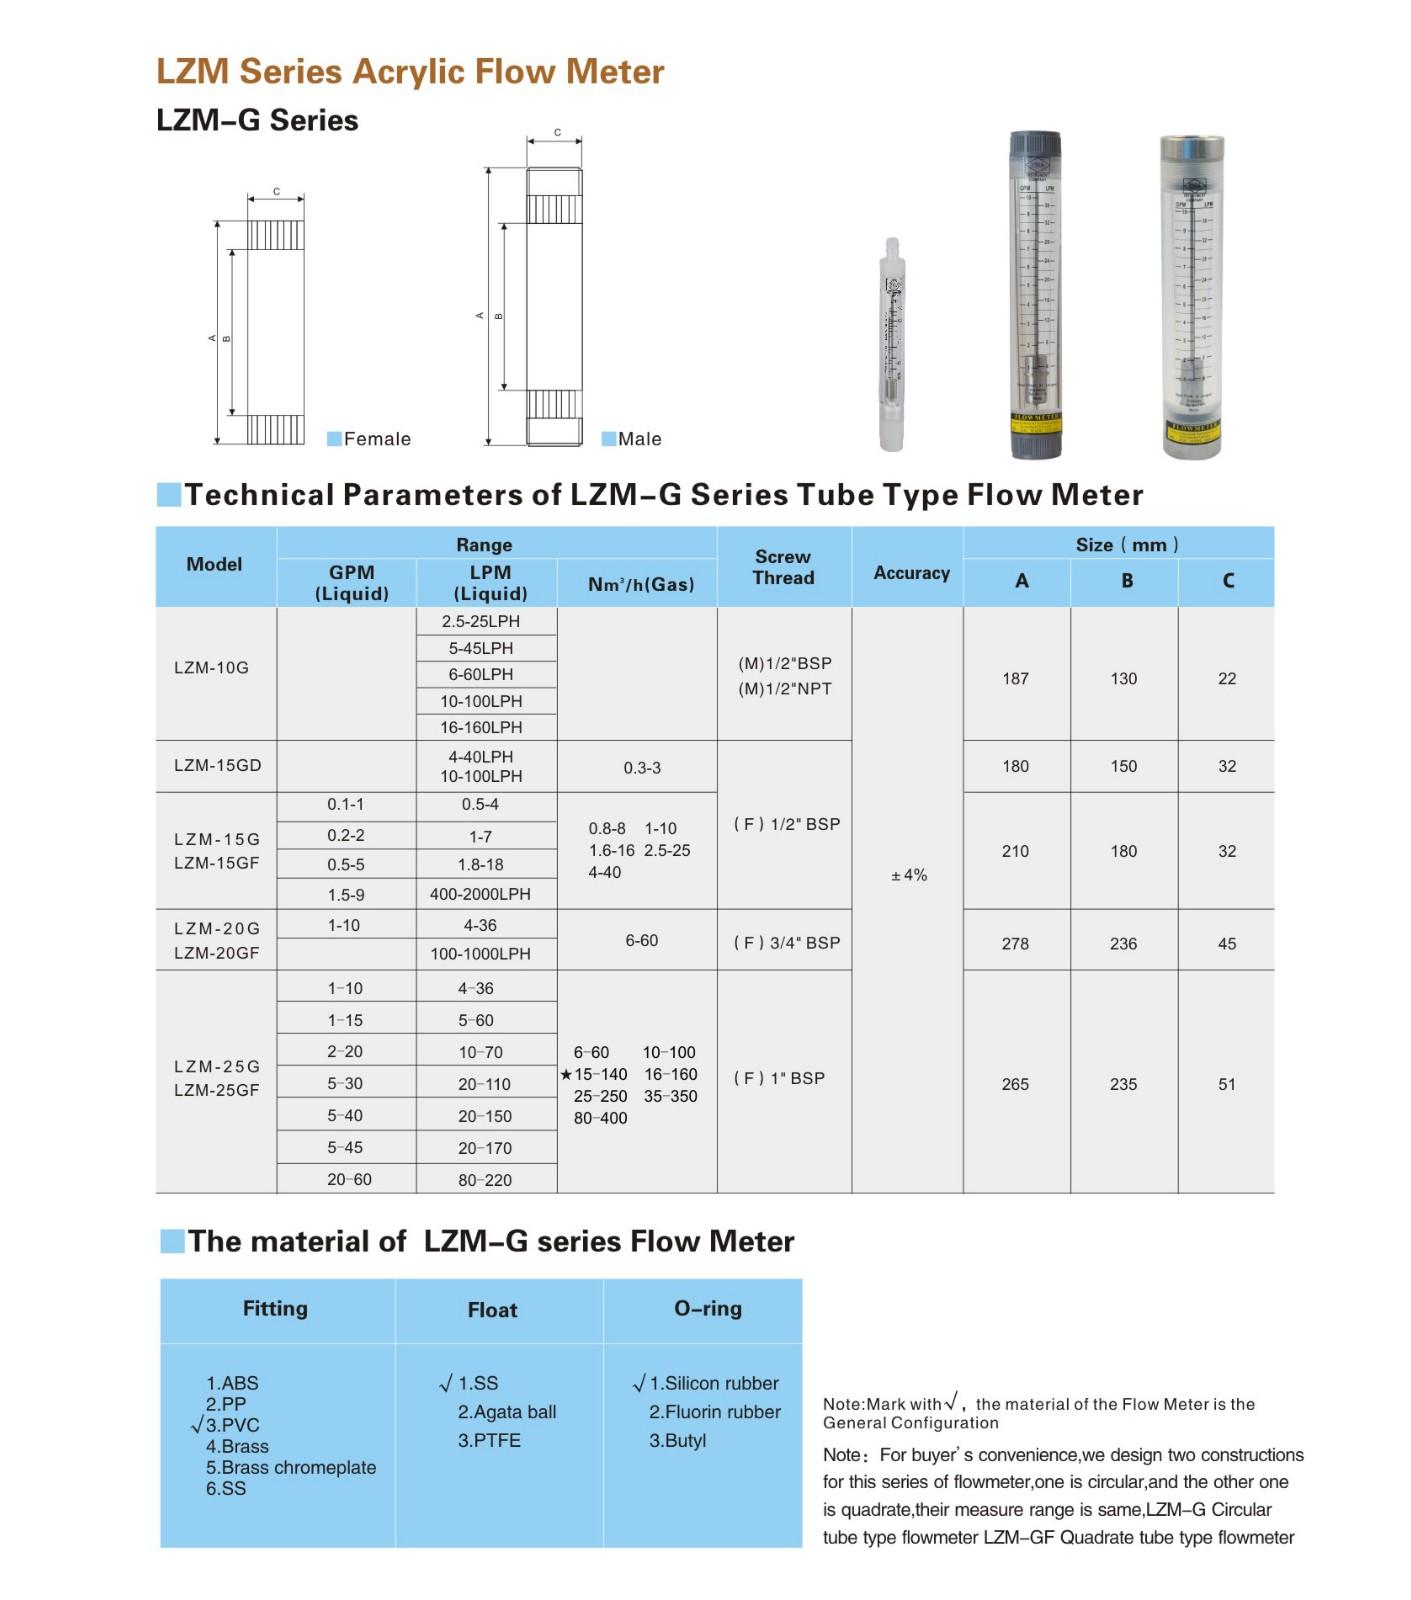 LZM-GF series